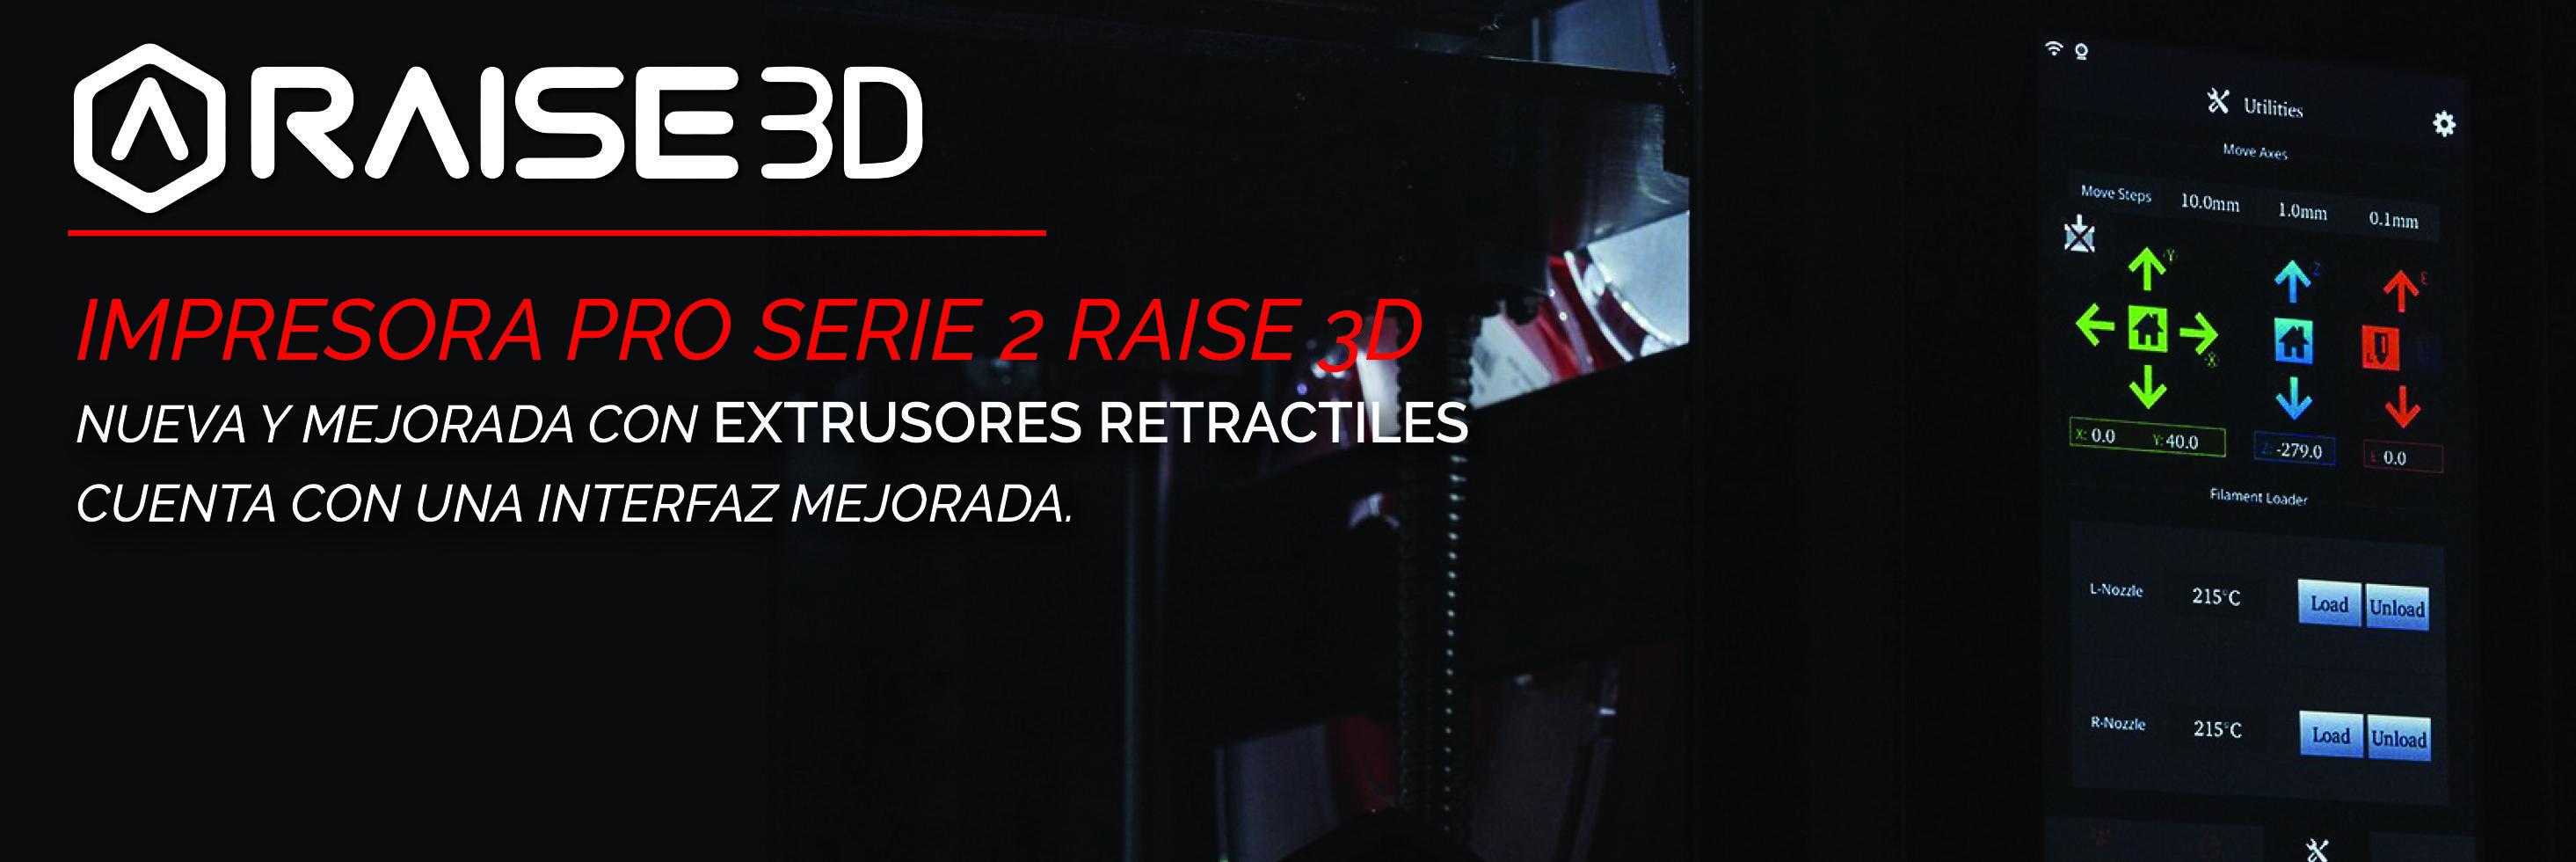 raise-3d-